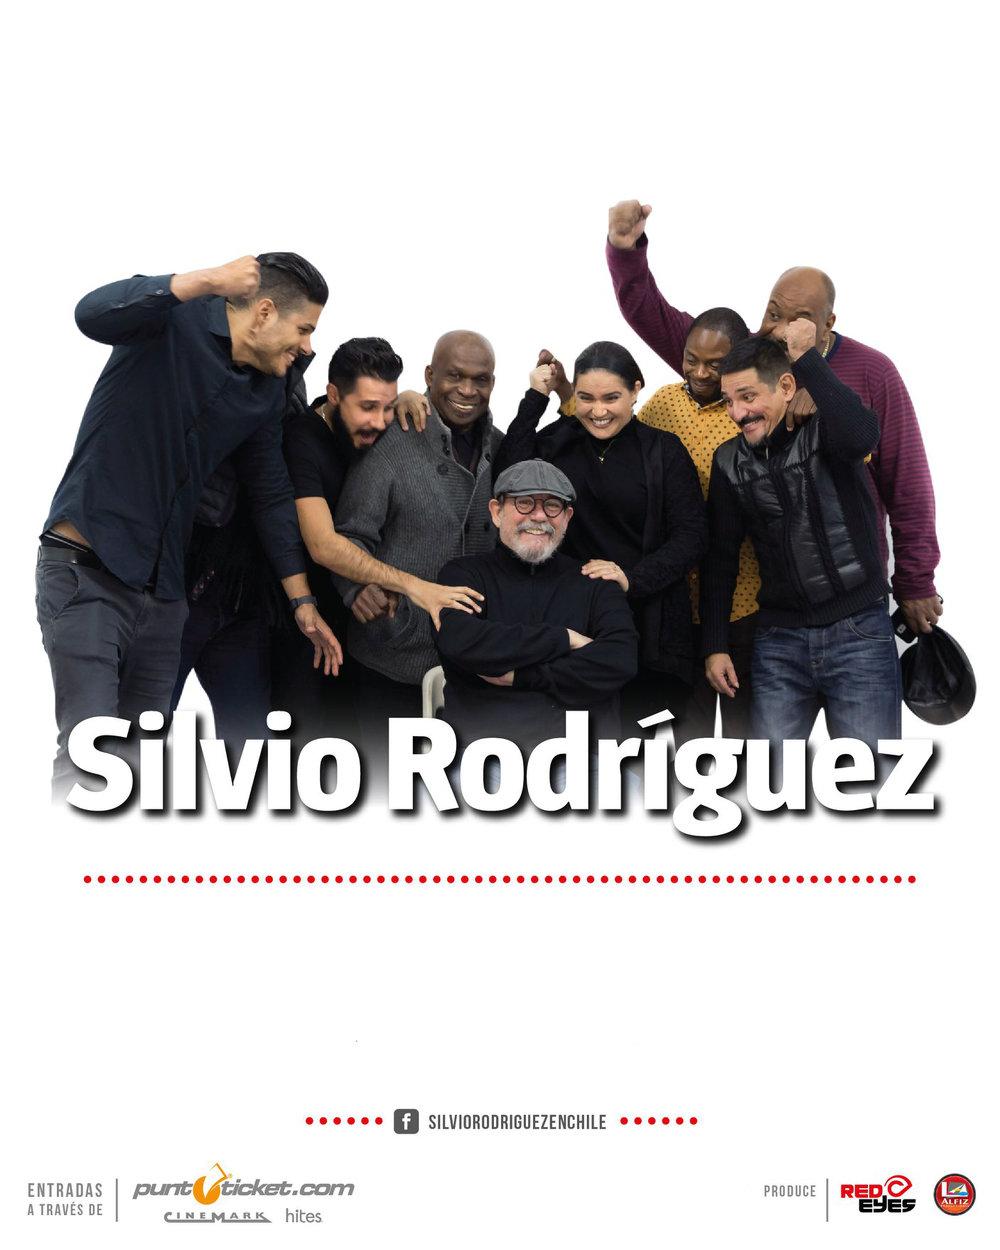 Silvio Rodríguez14 OctubreViña del Mar - Quinta Vergara